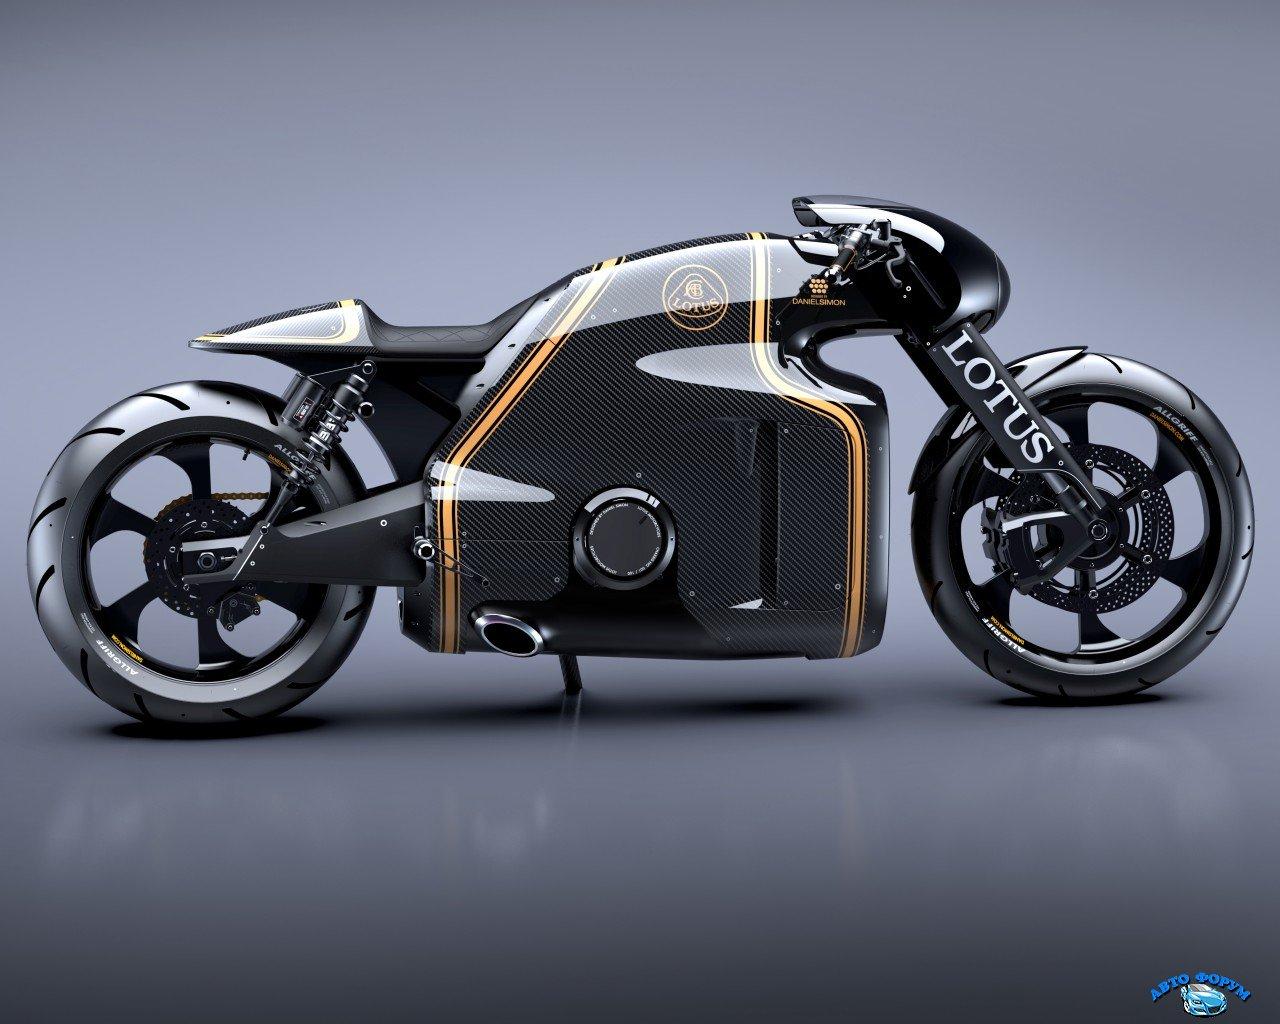 lotus-motorcycles-c-01-1269.jpg